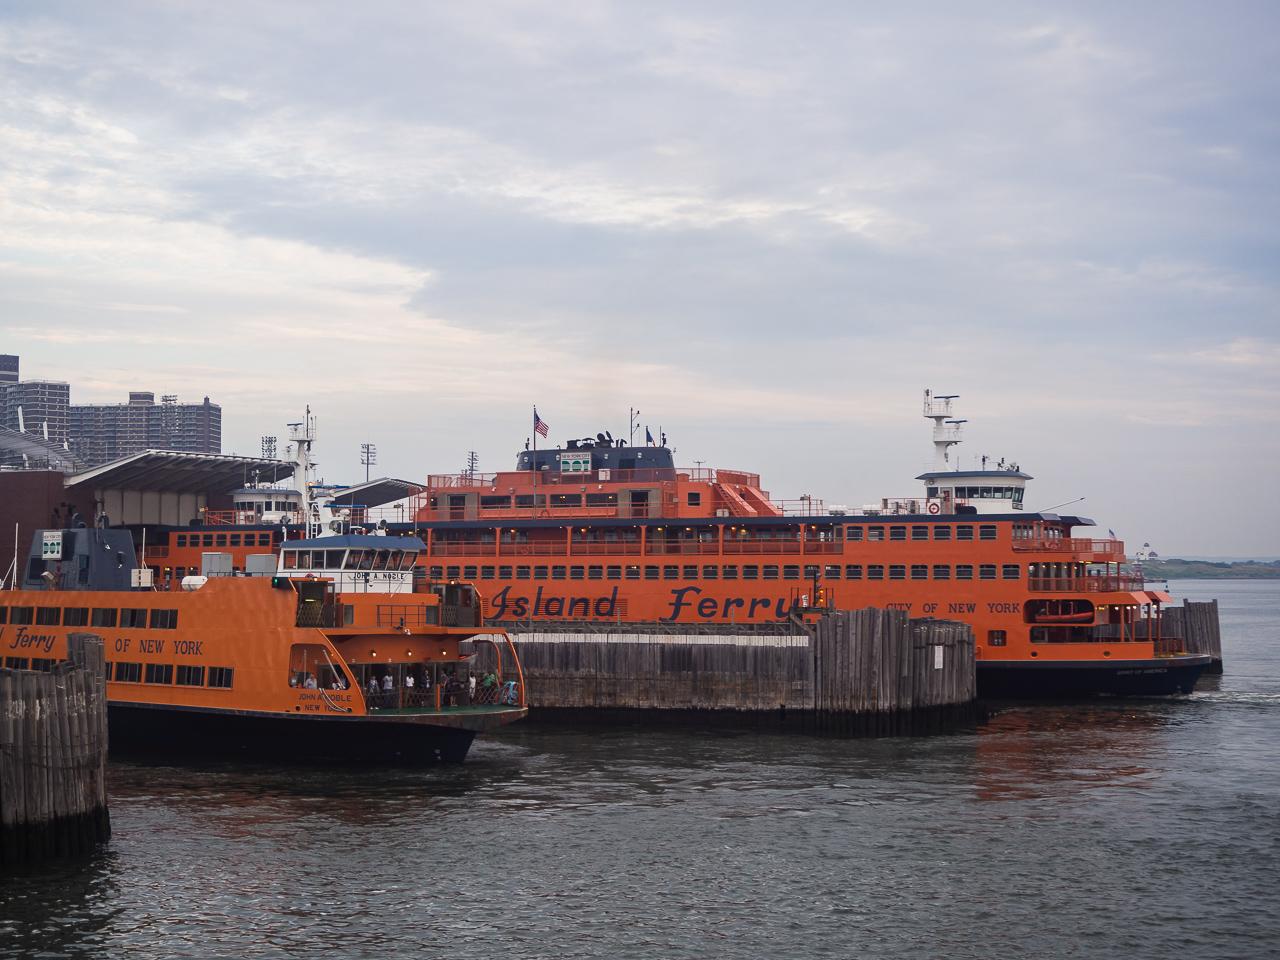 ilmaista tekemistä new yorkissa Staten Island Ferry